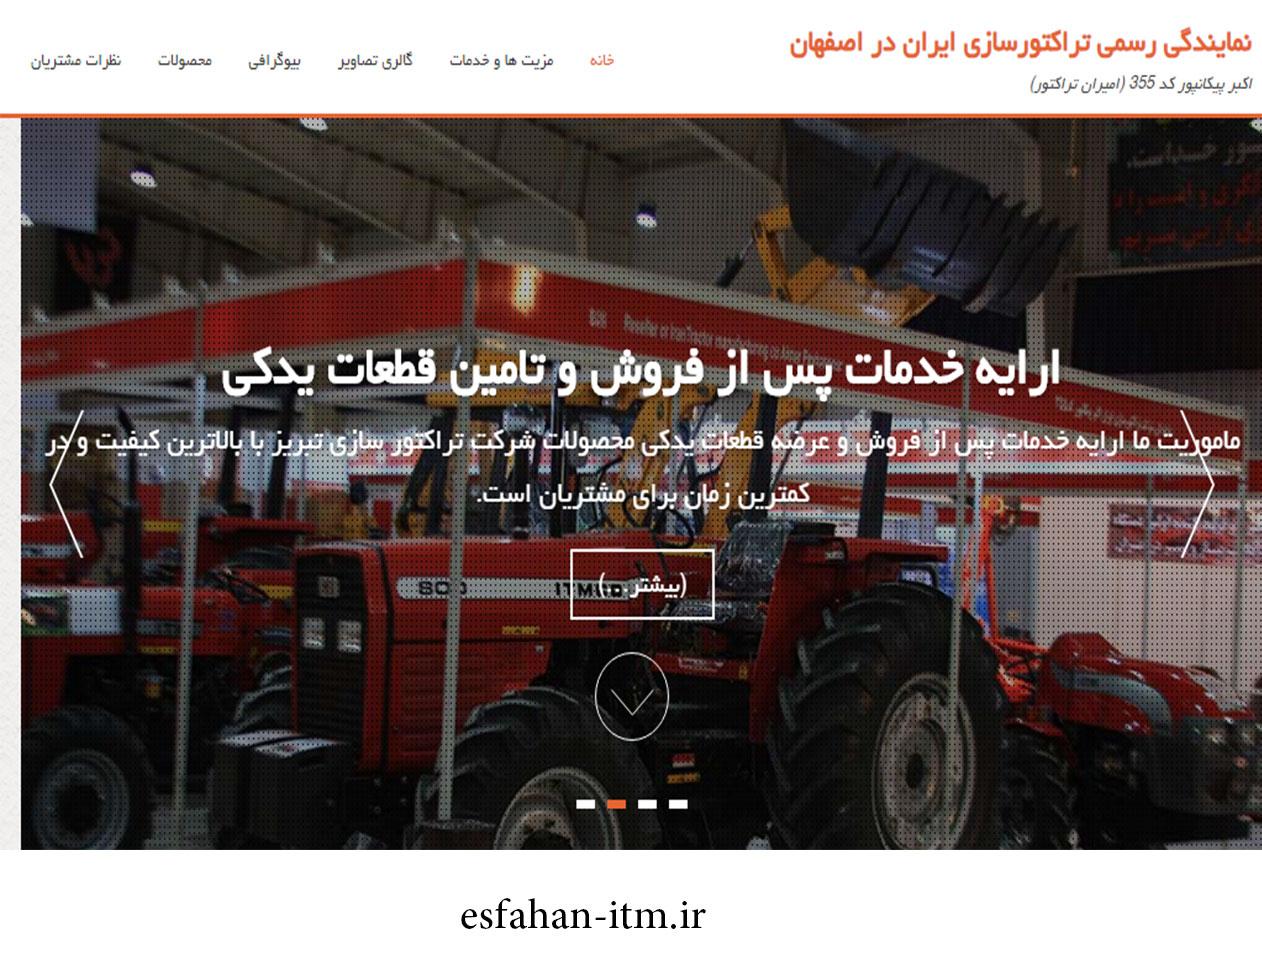 نمایندگی رسمی تراکتورسازی ایران در اصفهان